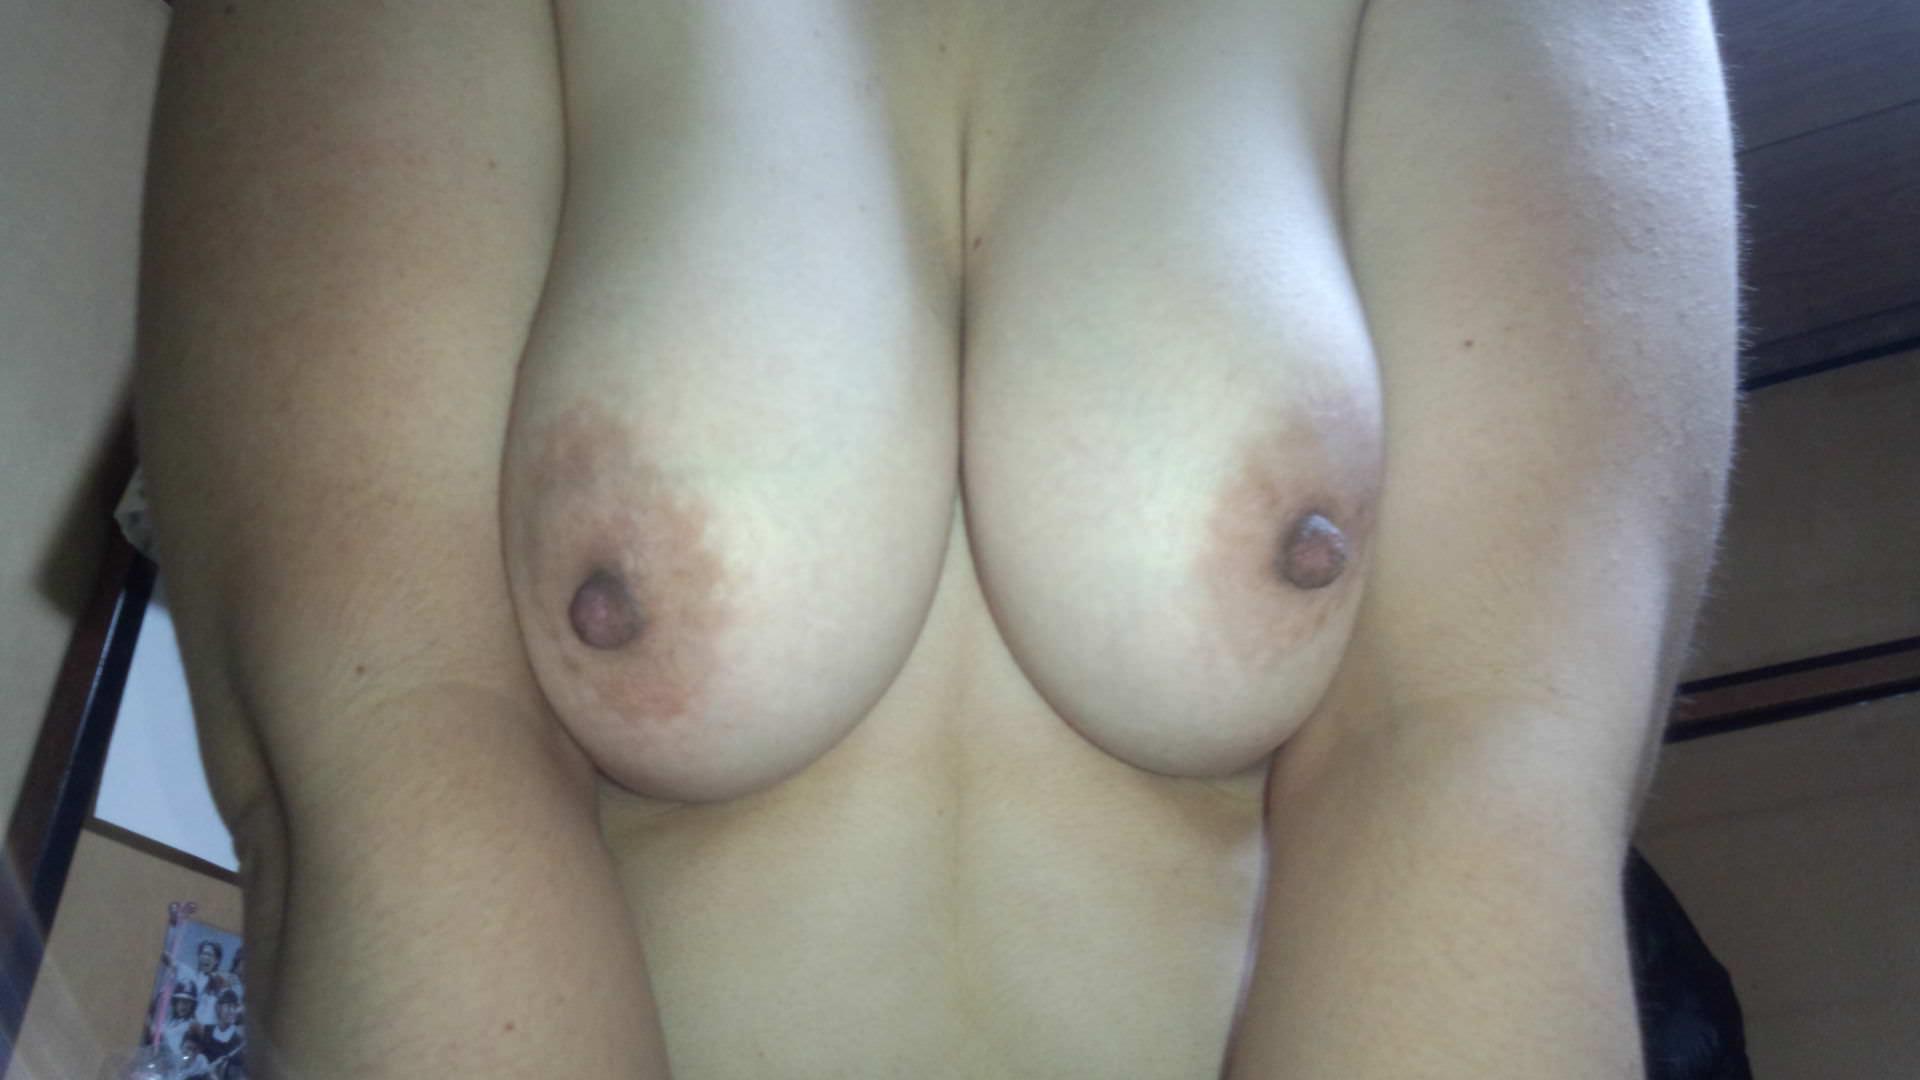 ぽっちゃり系??いや、デブ女どもの全裸を集めた素人ヌード集www 0233